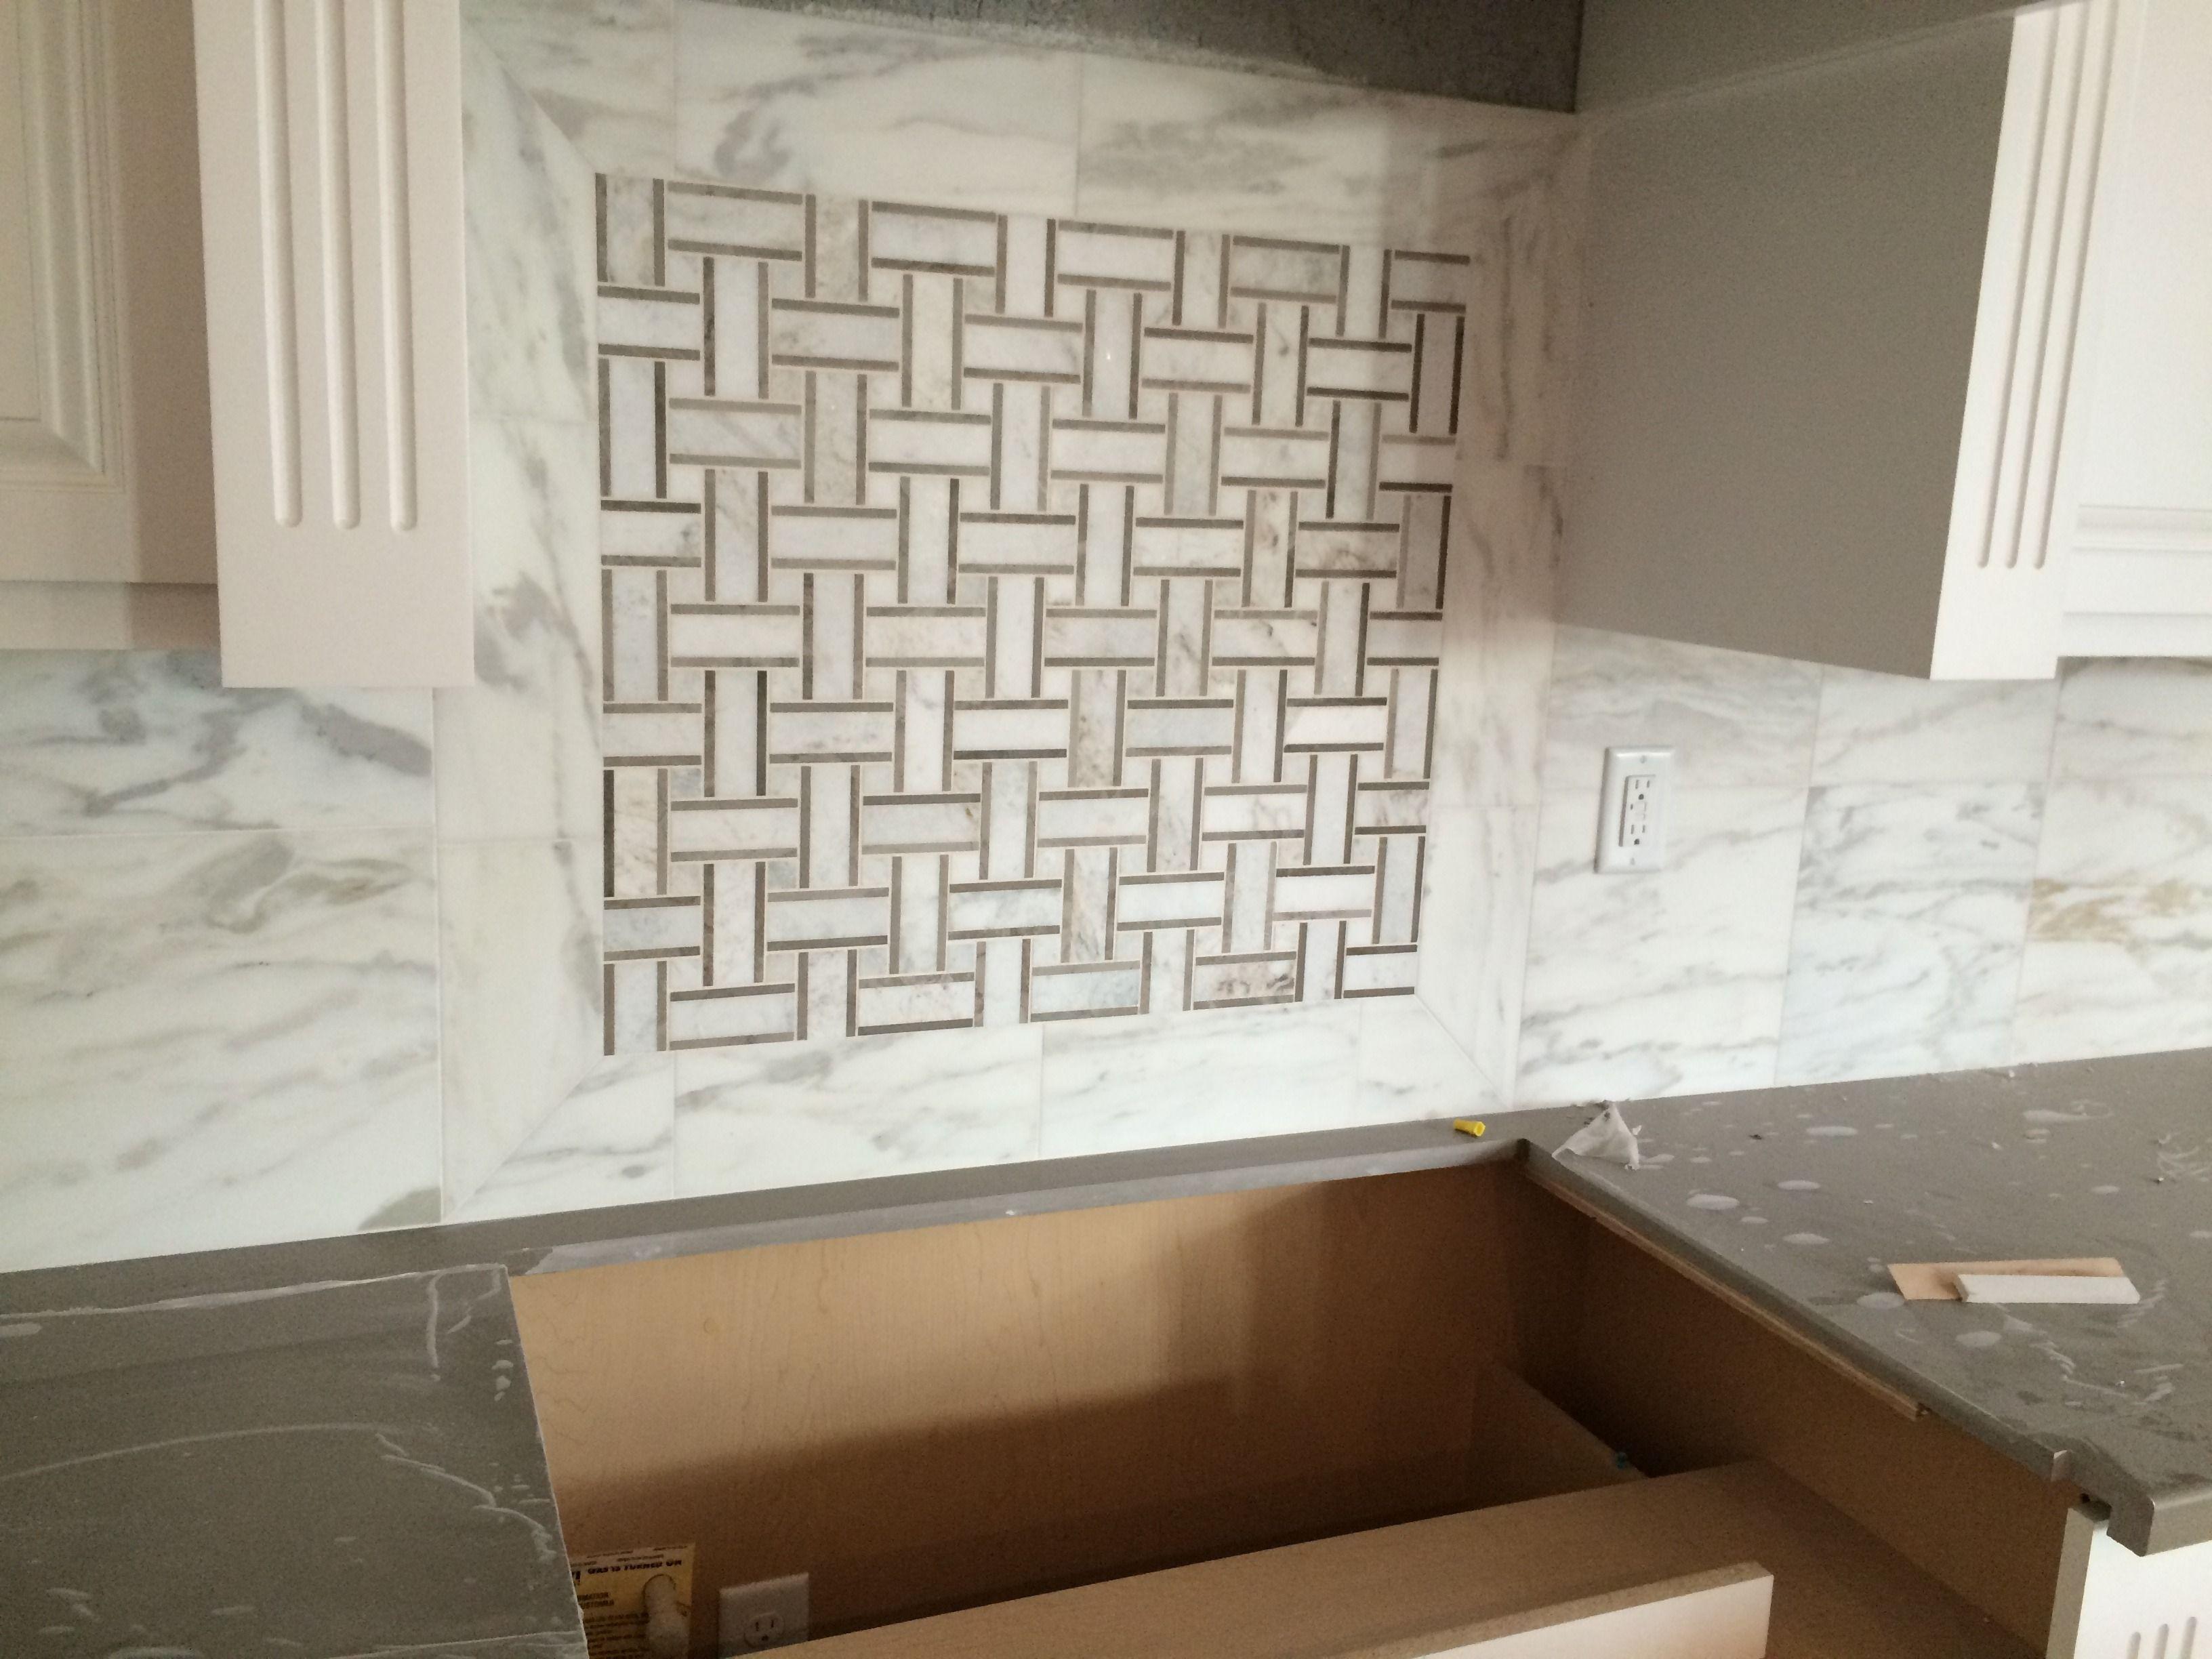 Mixing materials is Okay! A clean #quartz #countertop can look ...